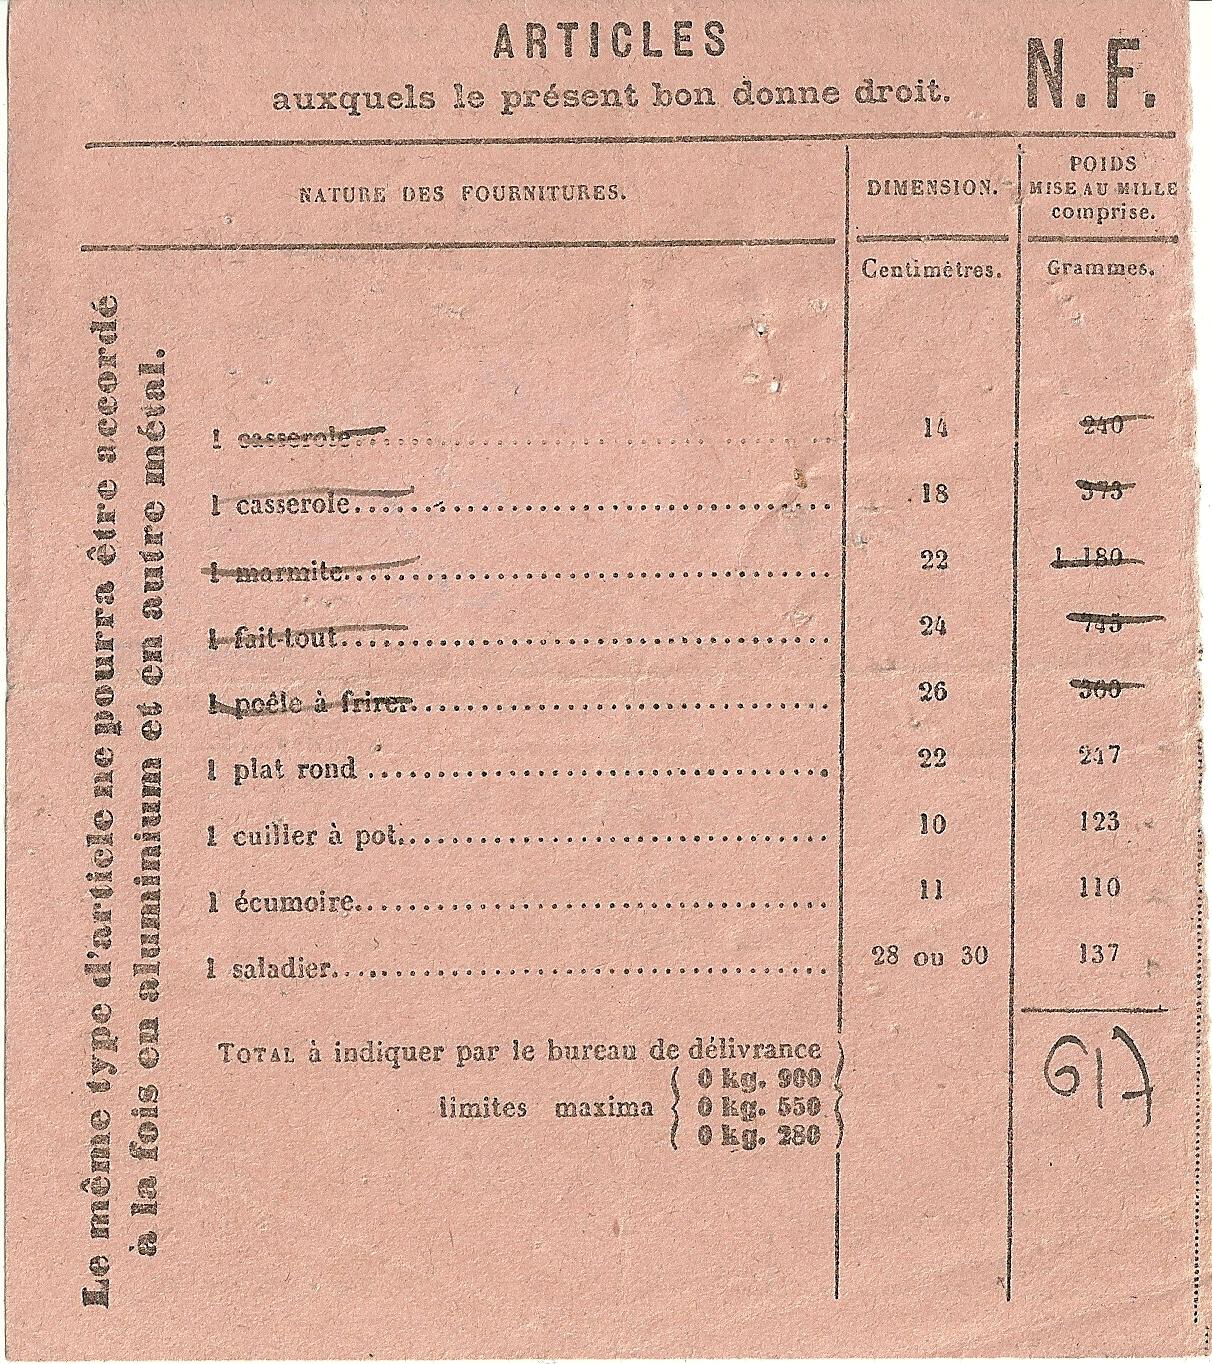 SECTION DES METAUX NON FERREUX - BON D'ACHAT - 00 333 461 - DOS